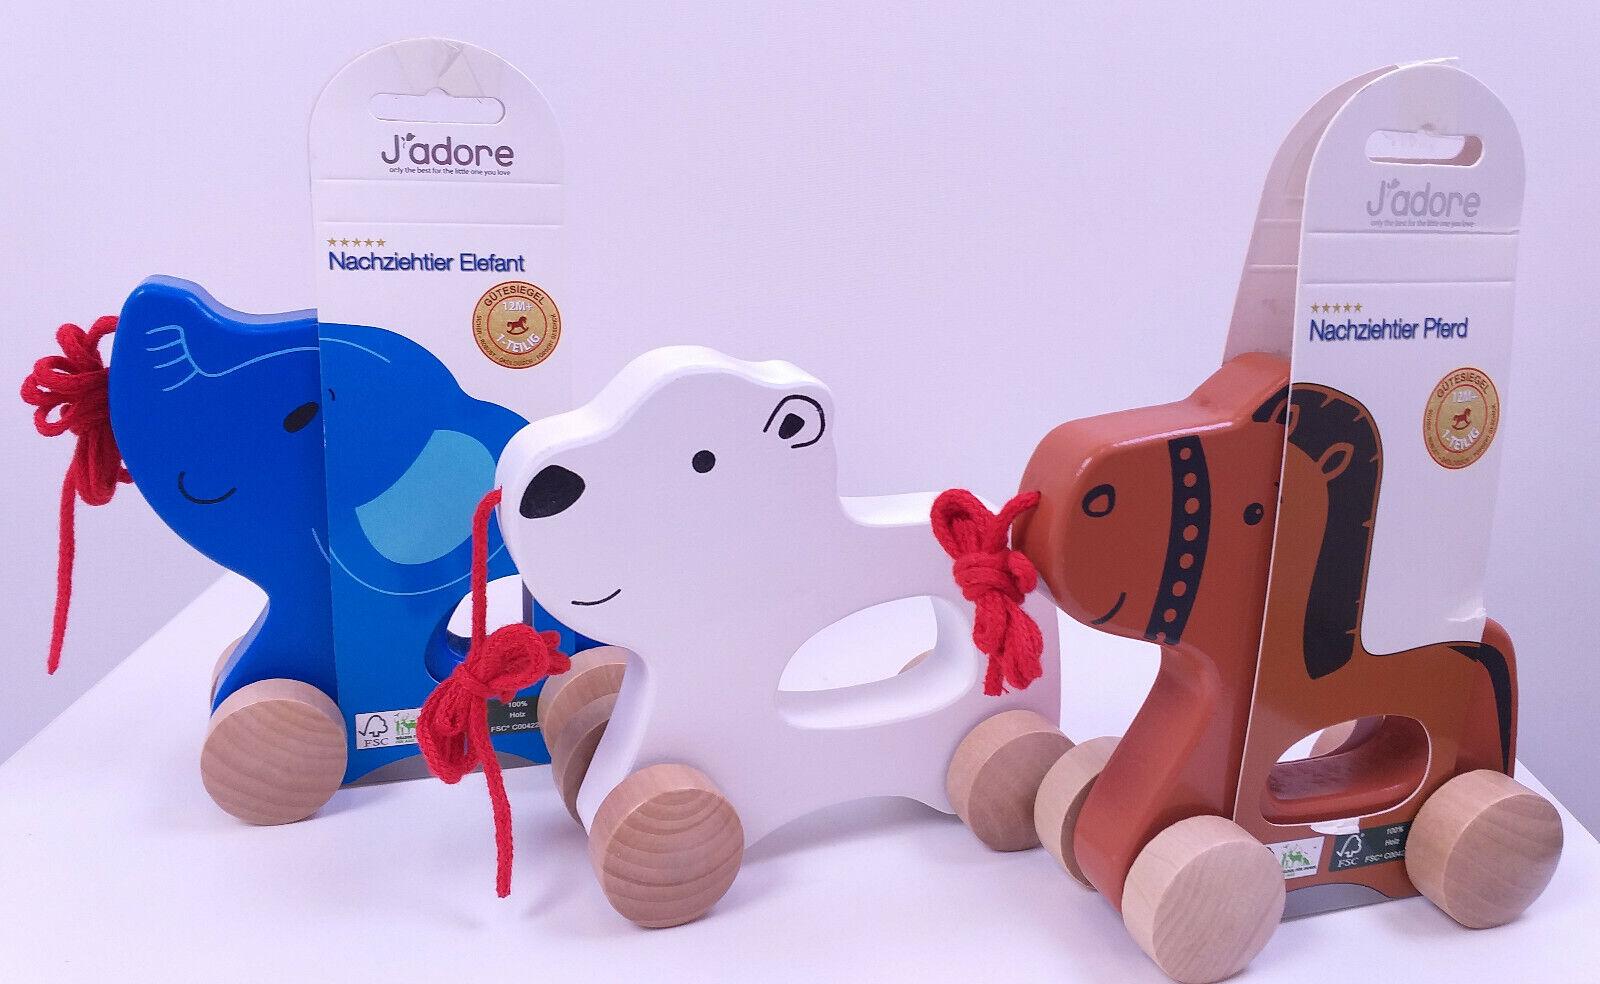 Nachziehtiere aus Holz (FSC) von J'adore. Pferd, Eisbär oder Elefant. 12+. Neu.